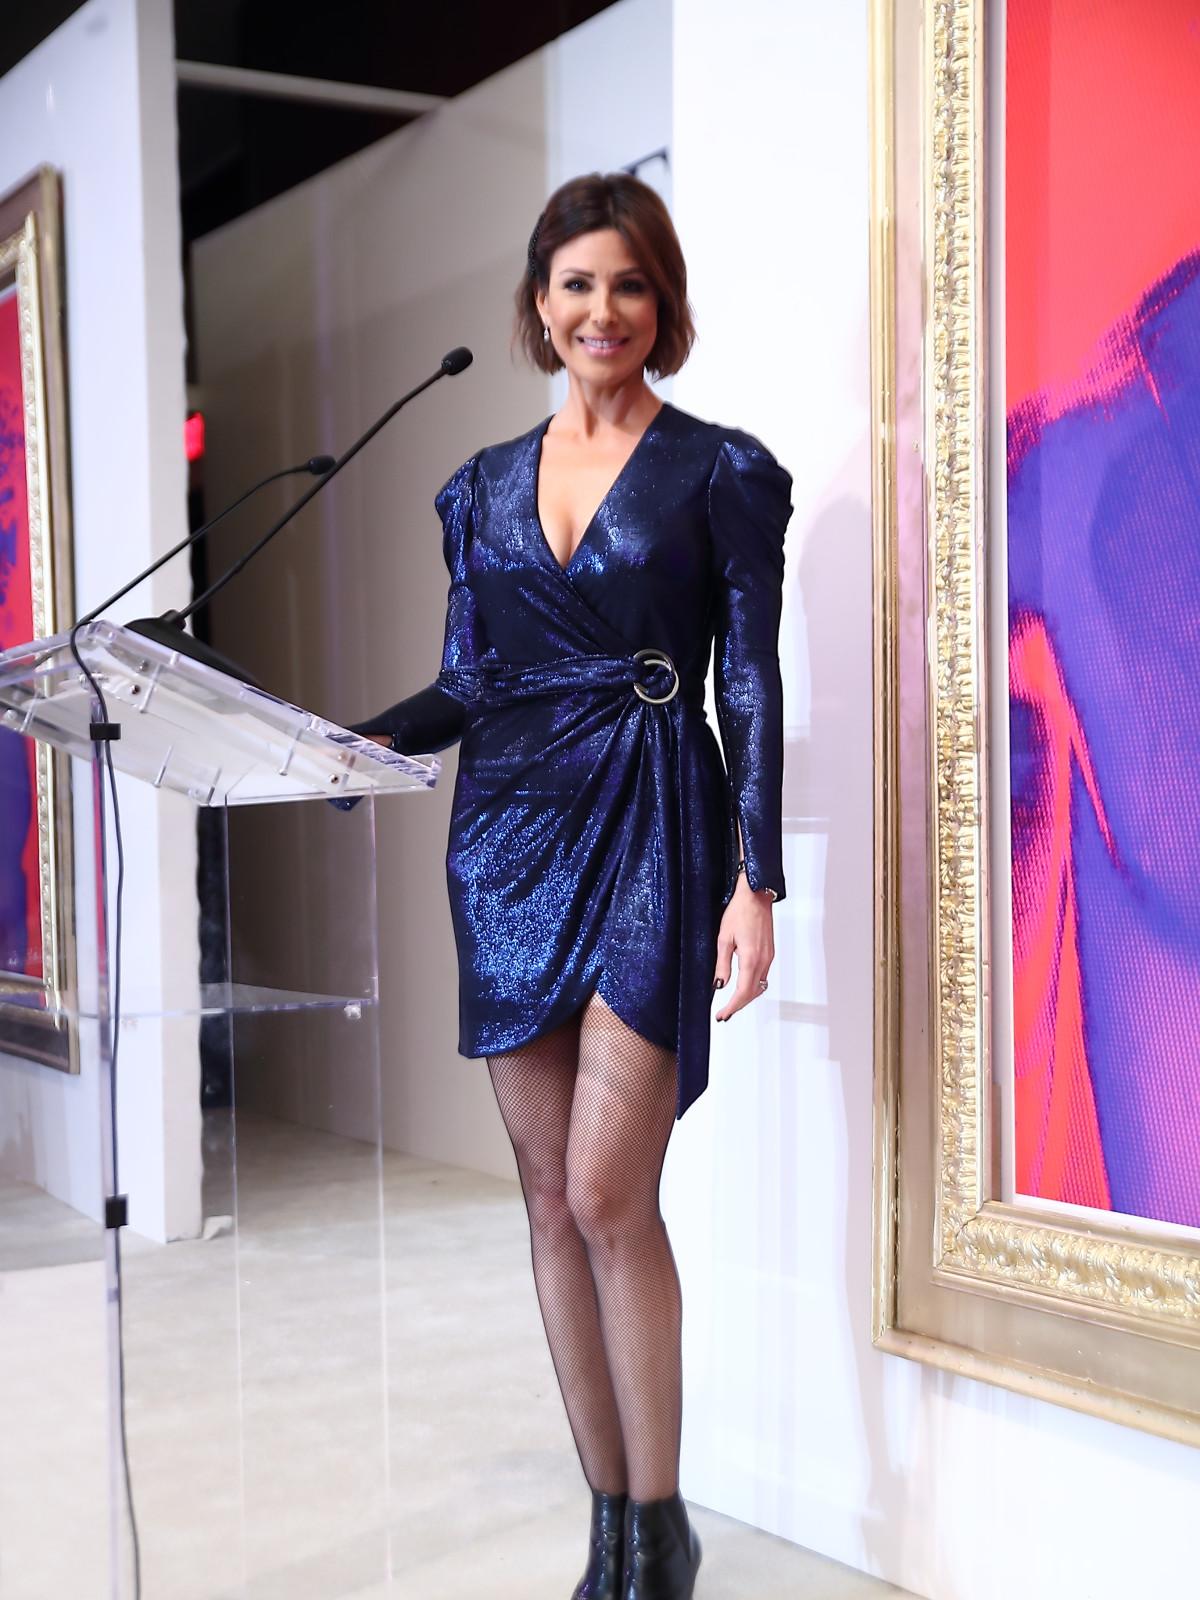 Una Notte 2019 Dominique Sachse